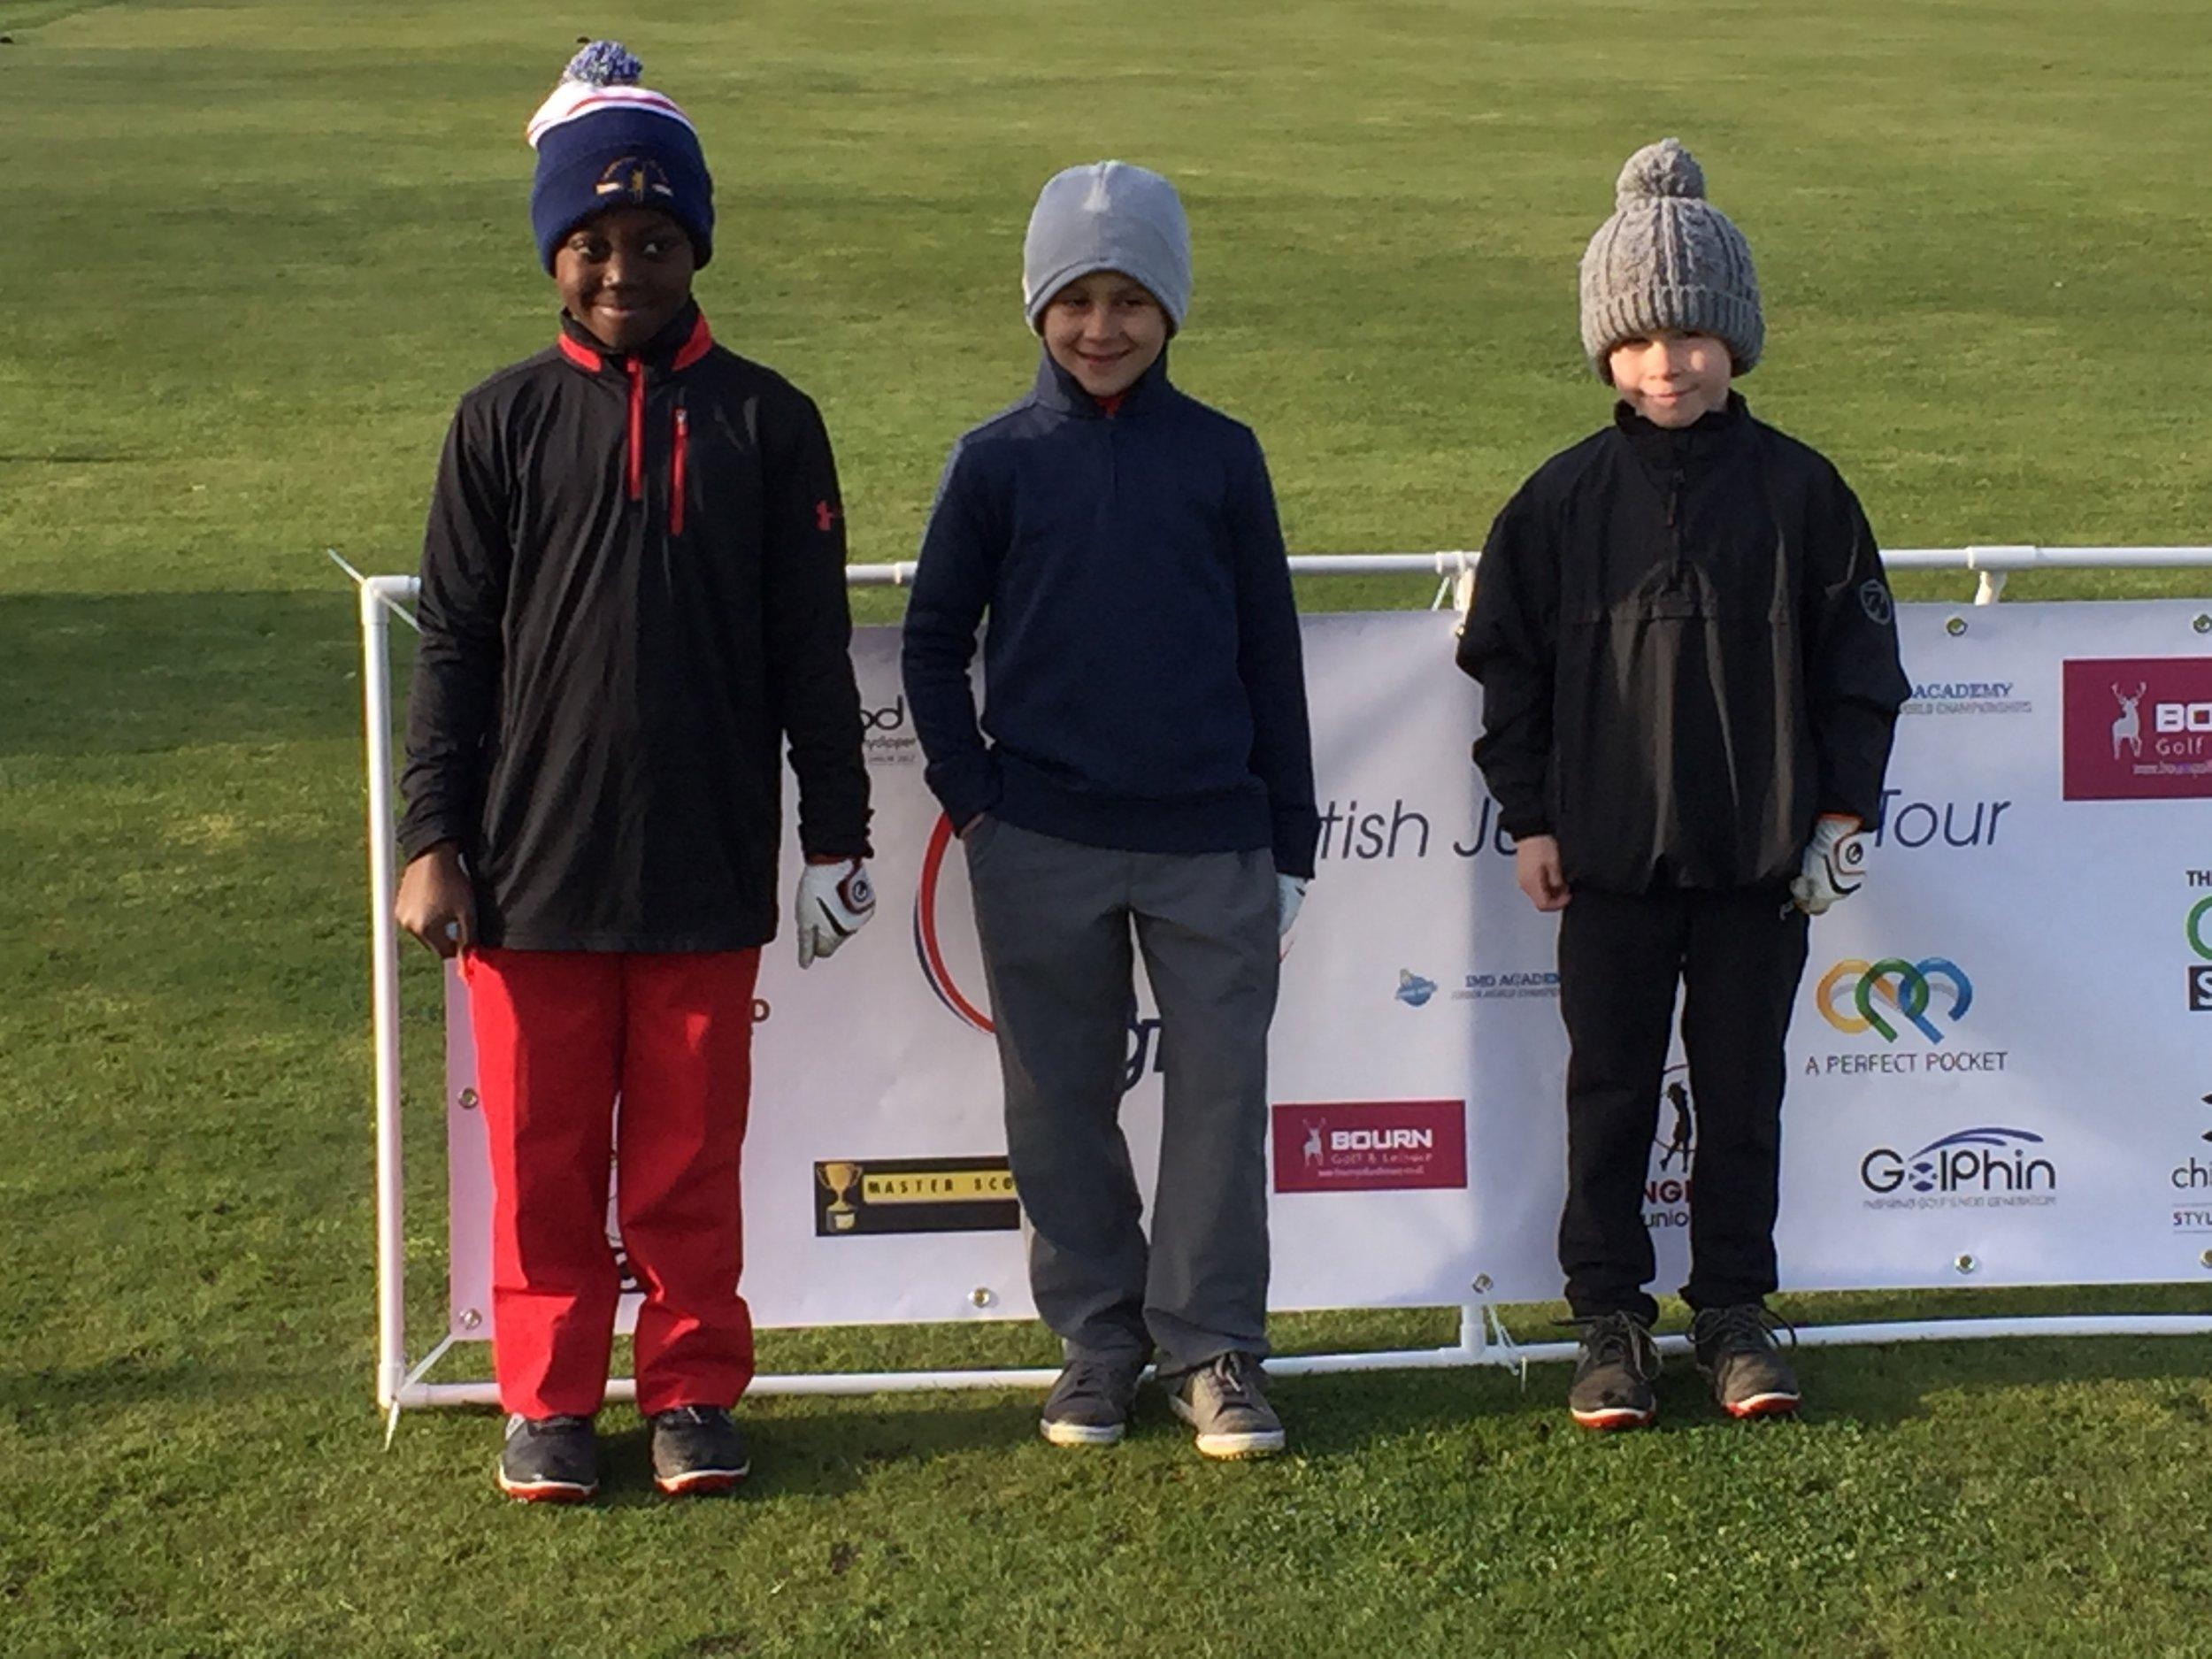 2017 BJGT Junior Golf Tournament - Park Hill GC